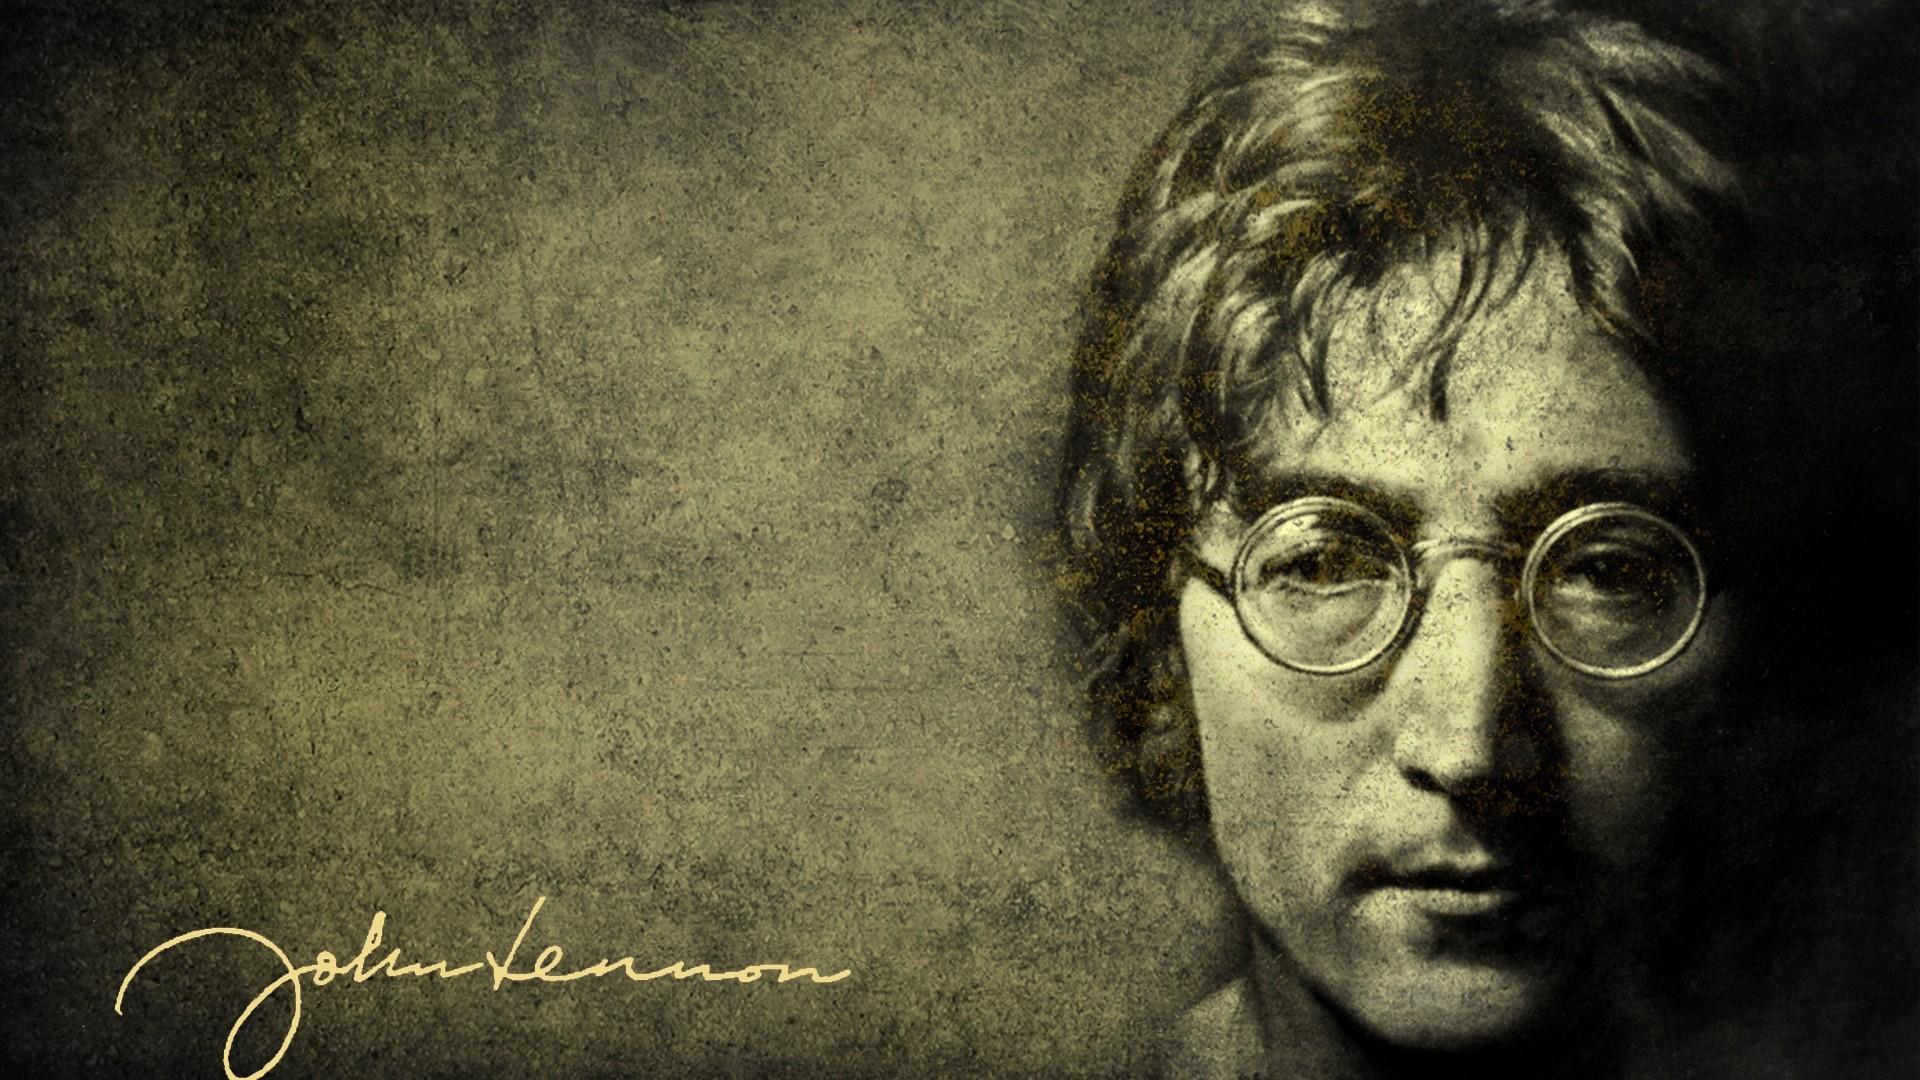 John Lennon Free Desktop Wallpaper